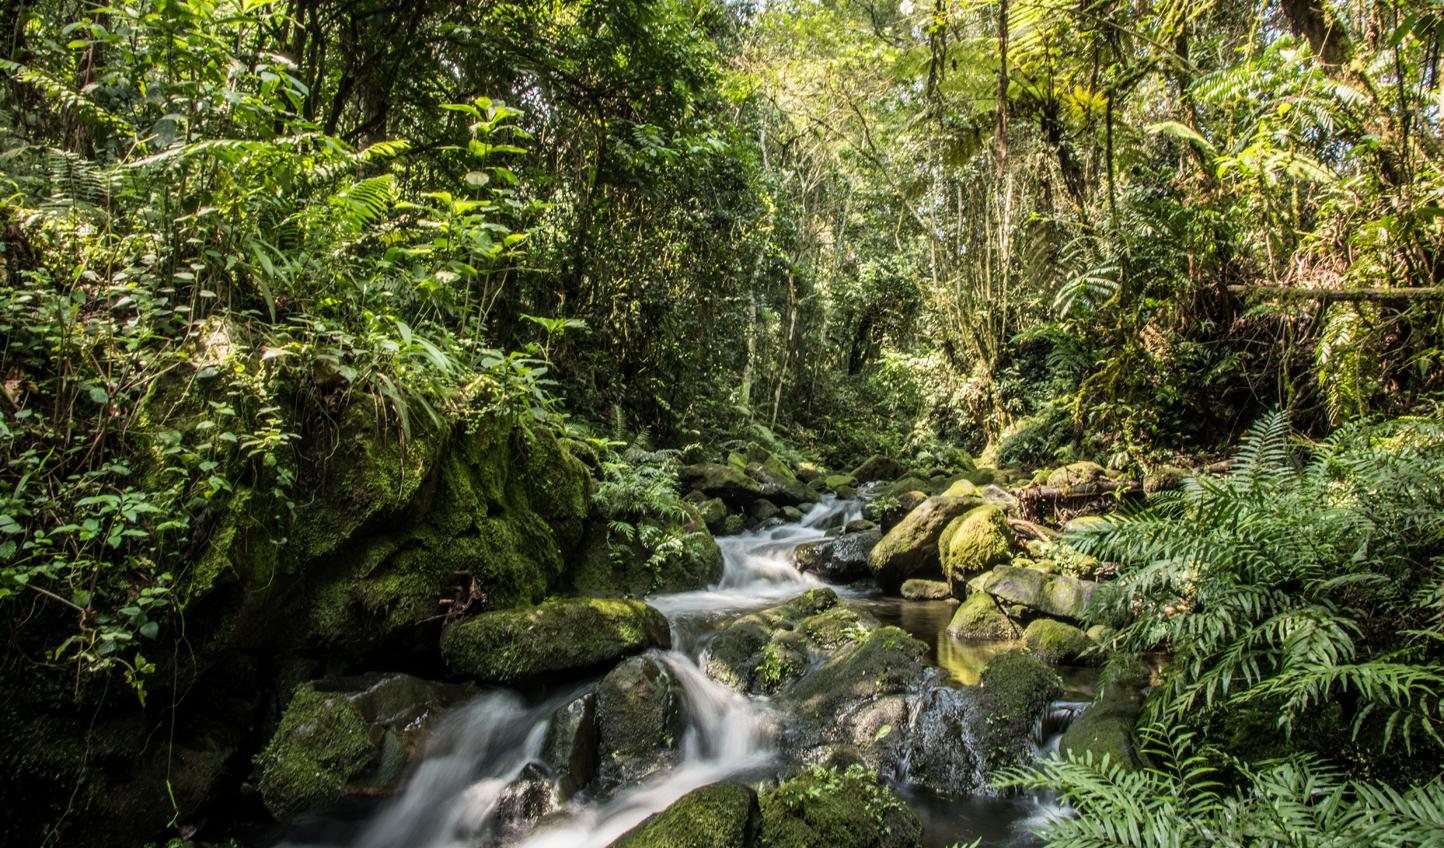 Trek alongside peaceful rivers in serach of mighty gorillas